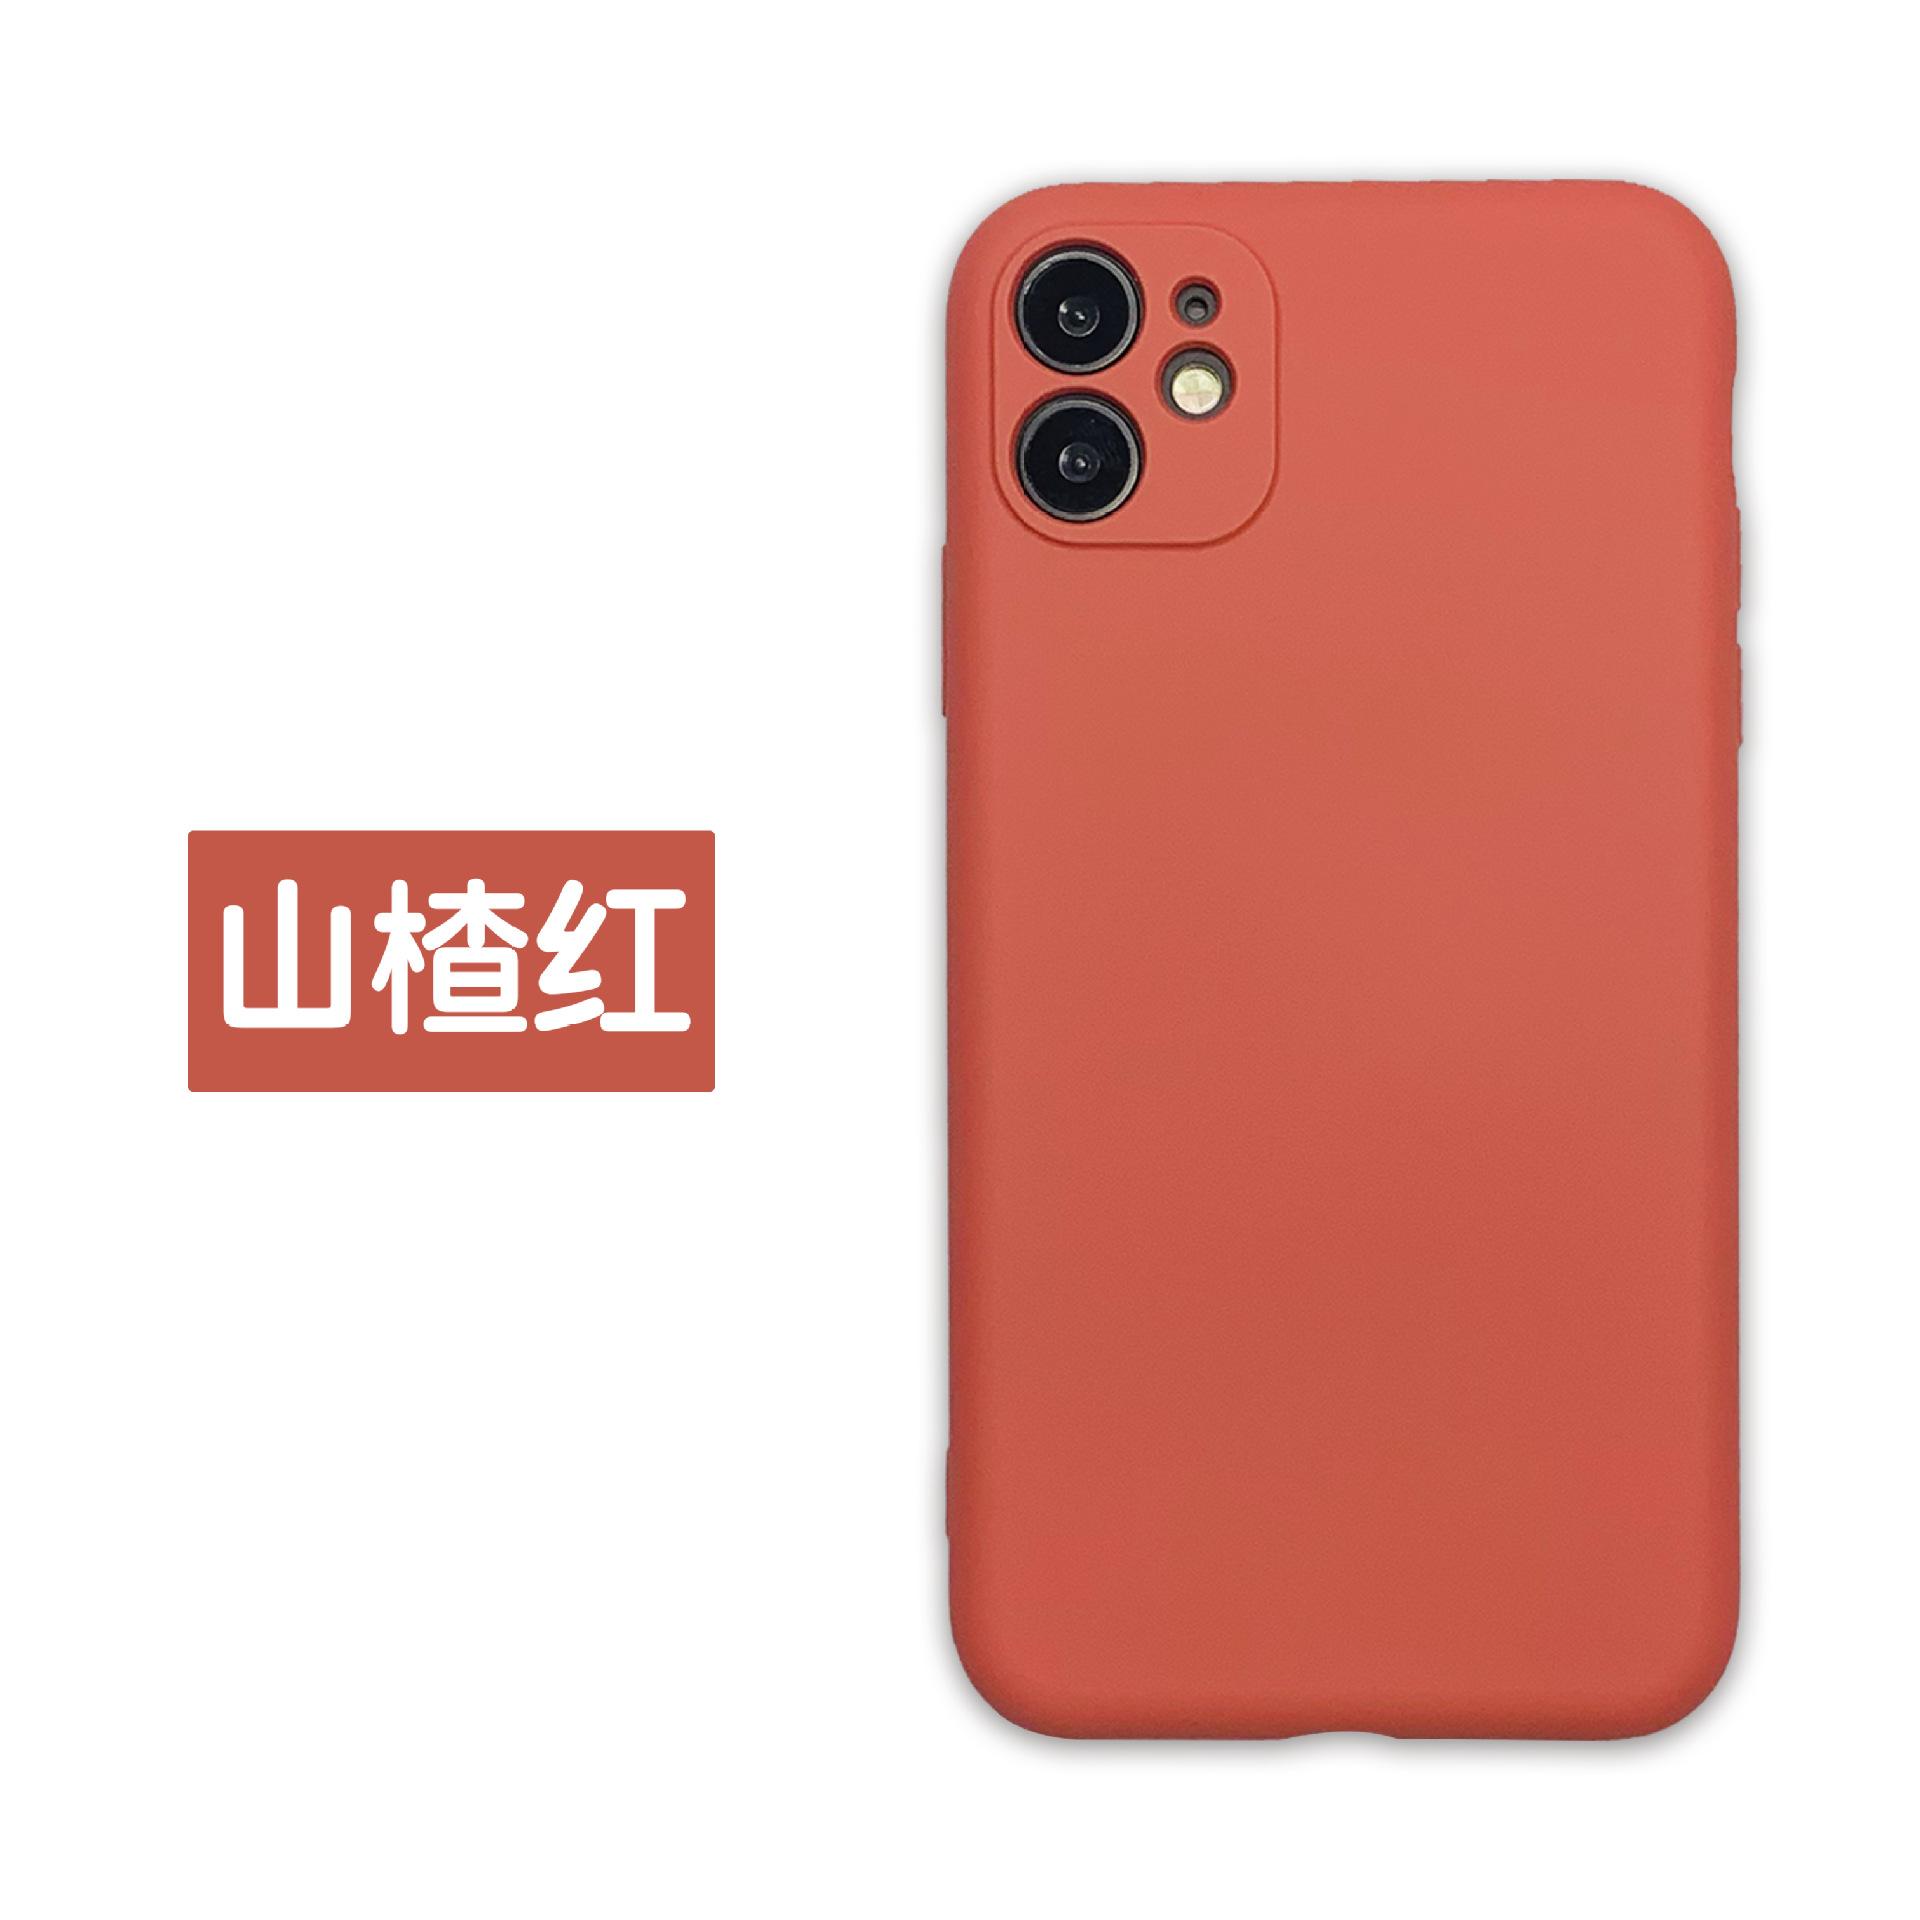 颜色-山楂红.jpg